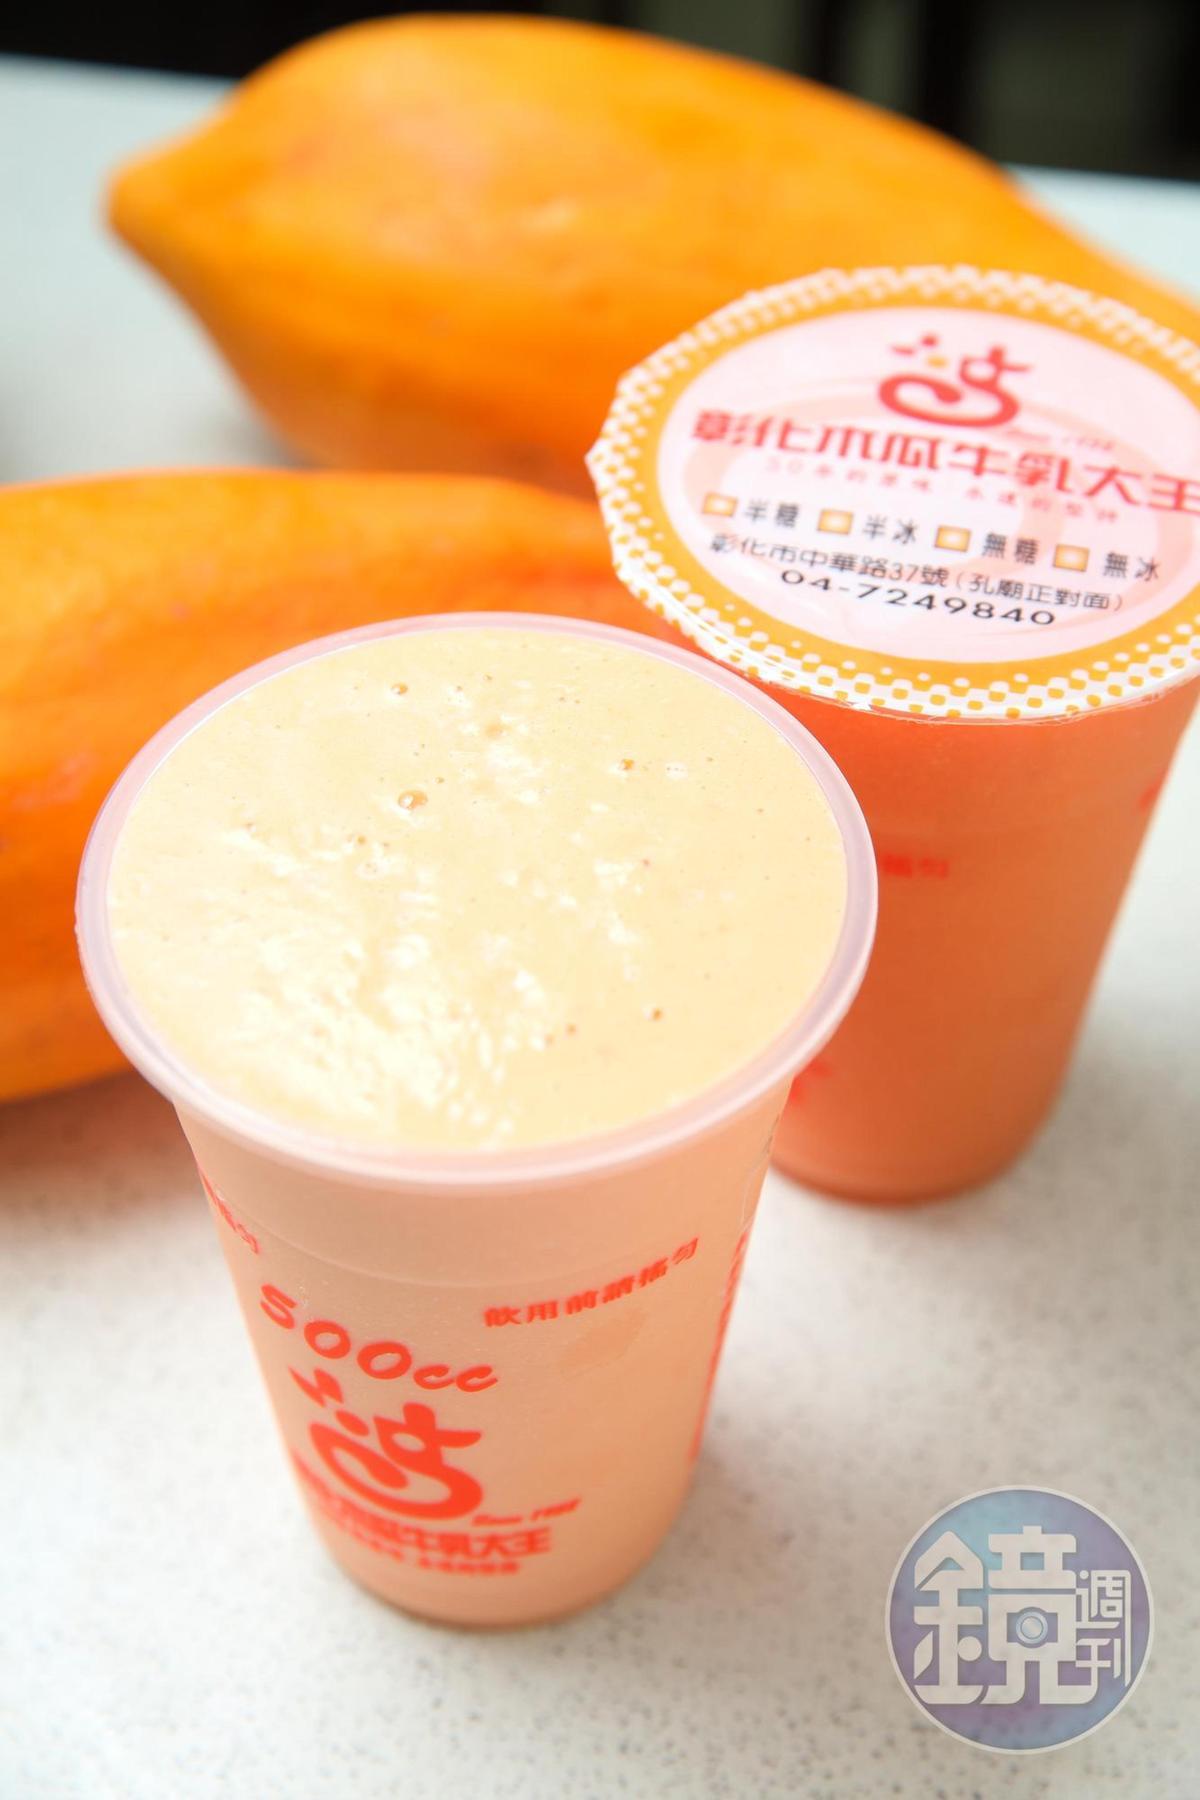 用料實在、香醇綿密的現打木瓜牛乳,半小時內賞味最佳,擱久會變苦。